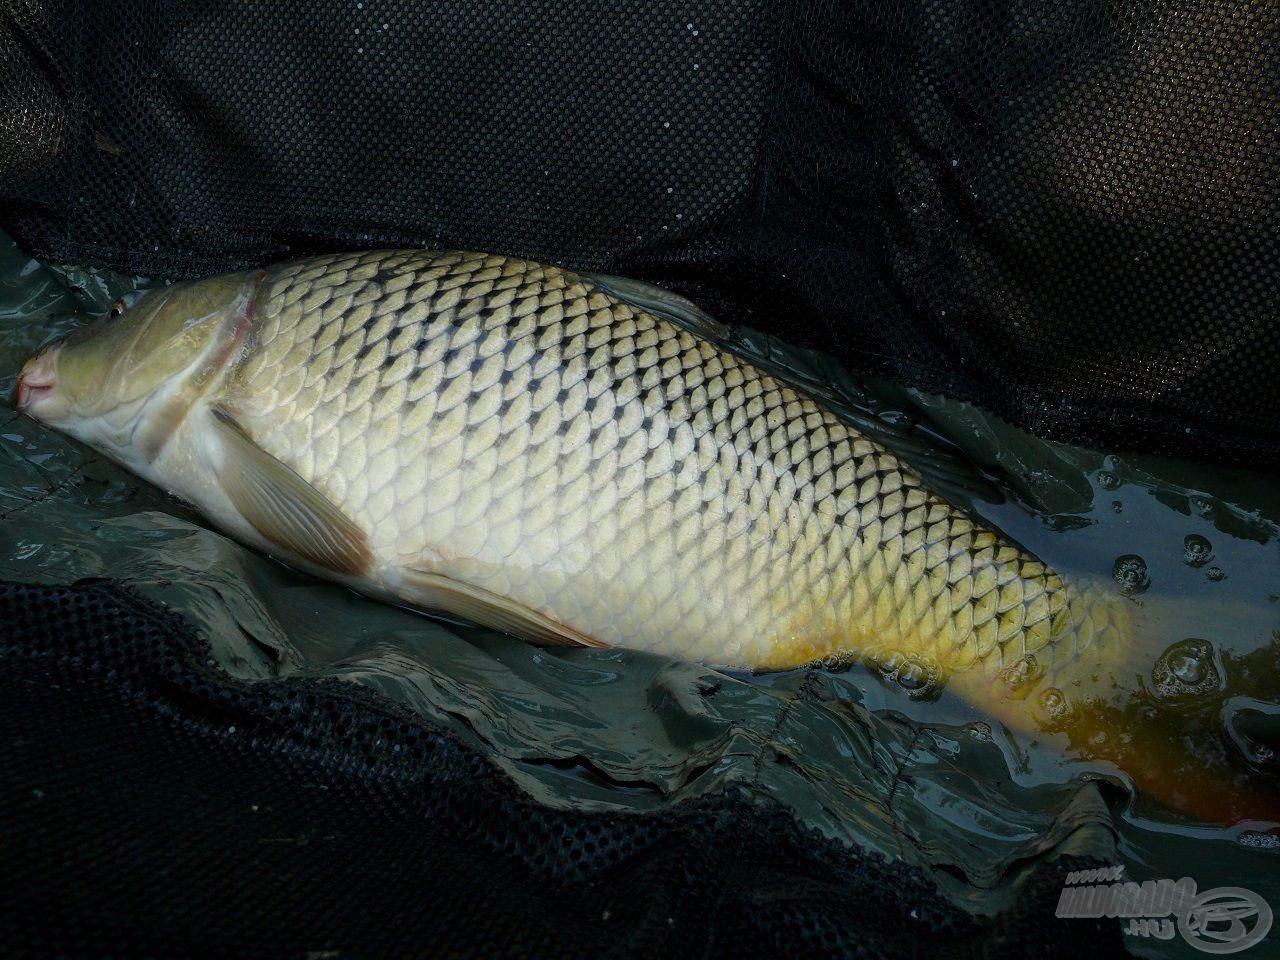 A kisebb halaknak is jár a tisztelet és a kíméletes bánásmód